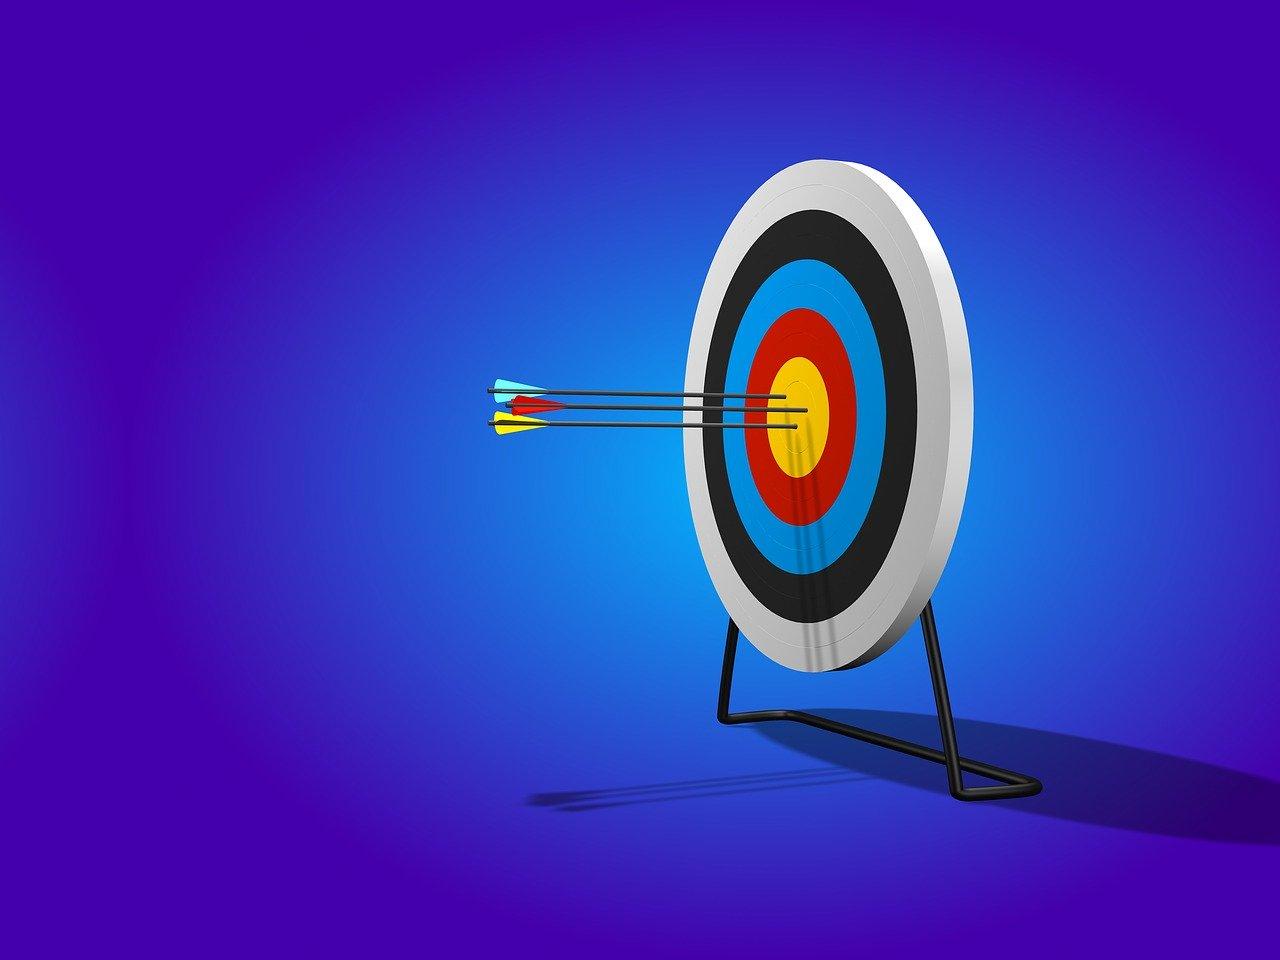 كيف تصمم شعار شركتك ، تحديد الهدف